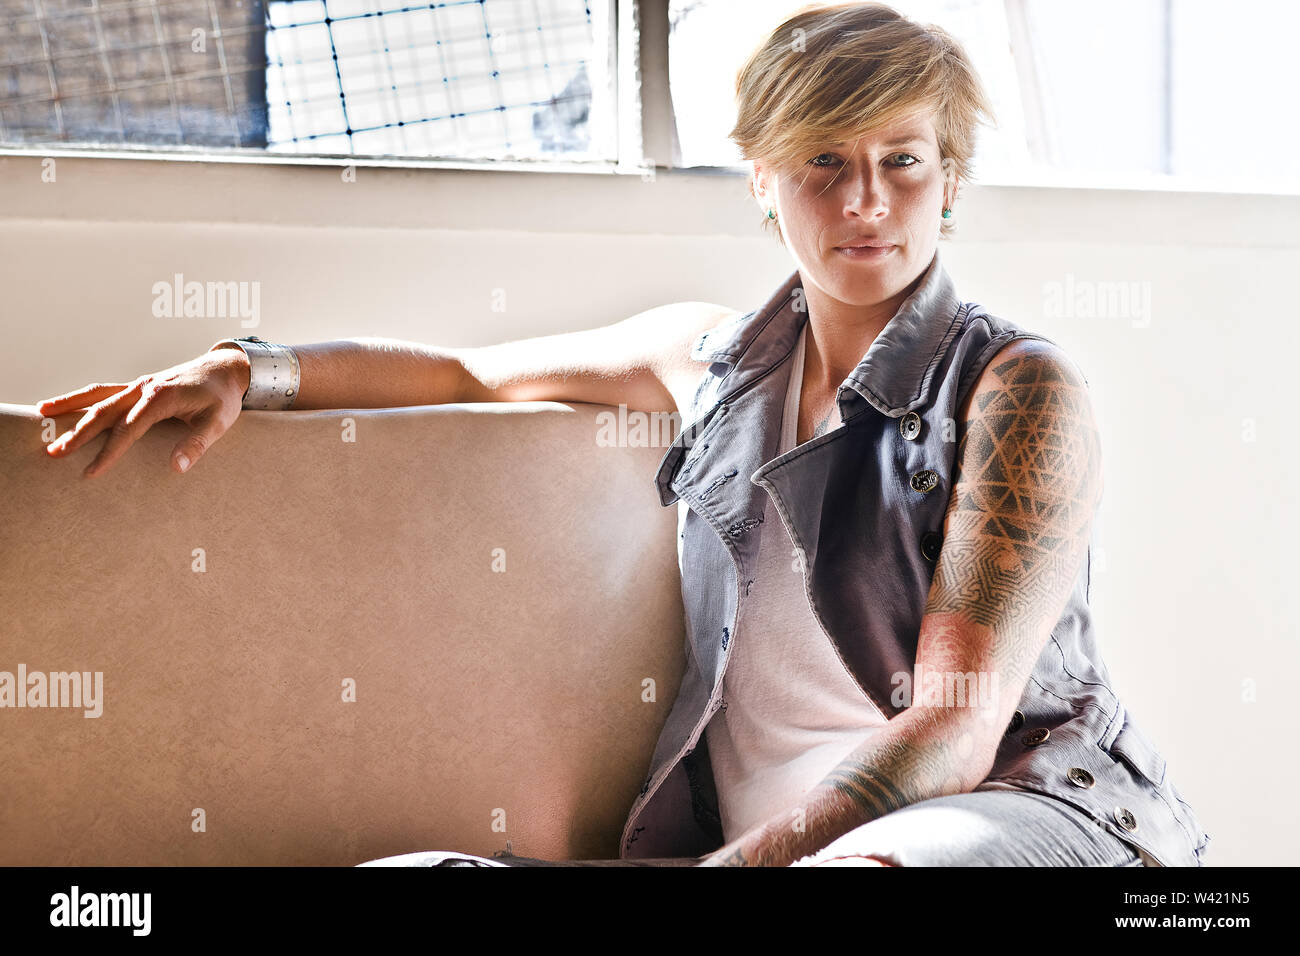 Fille avec un tatouage sur son bras, le regardant assis sur une chaise près de la fenêtre Photo Stock